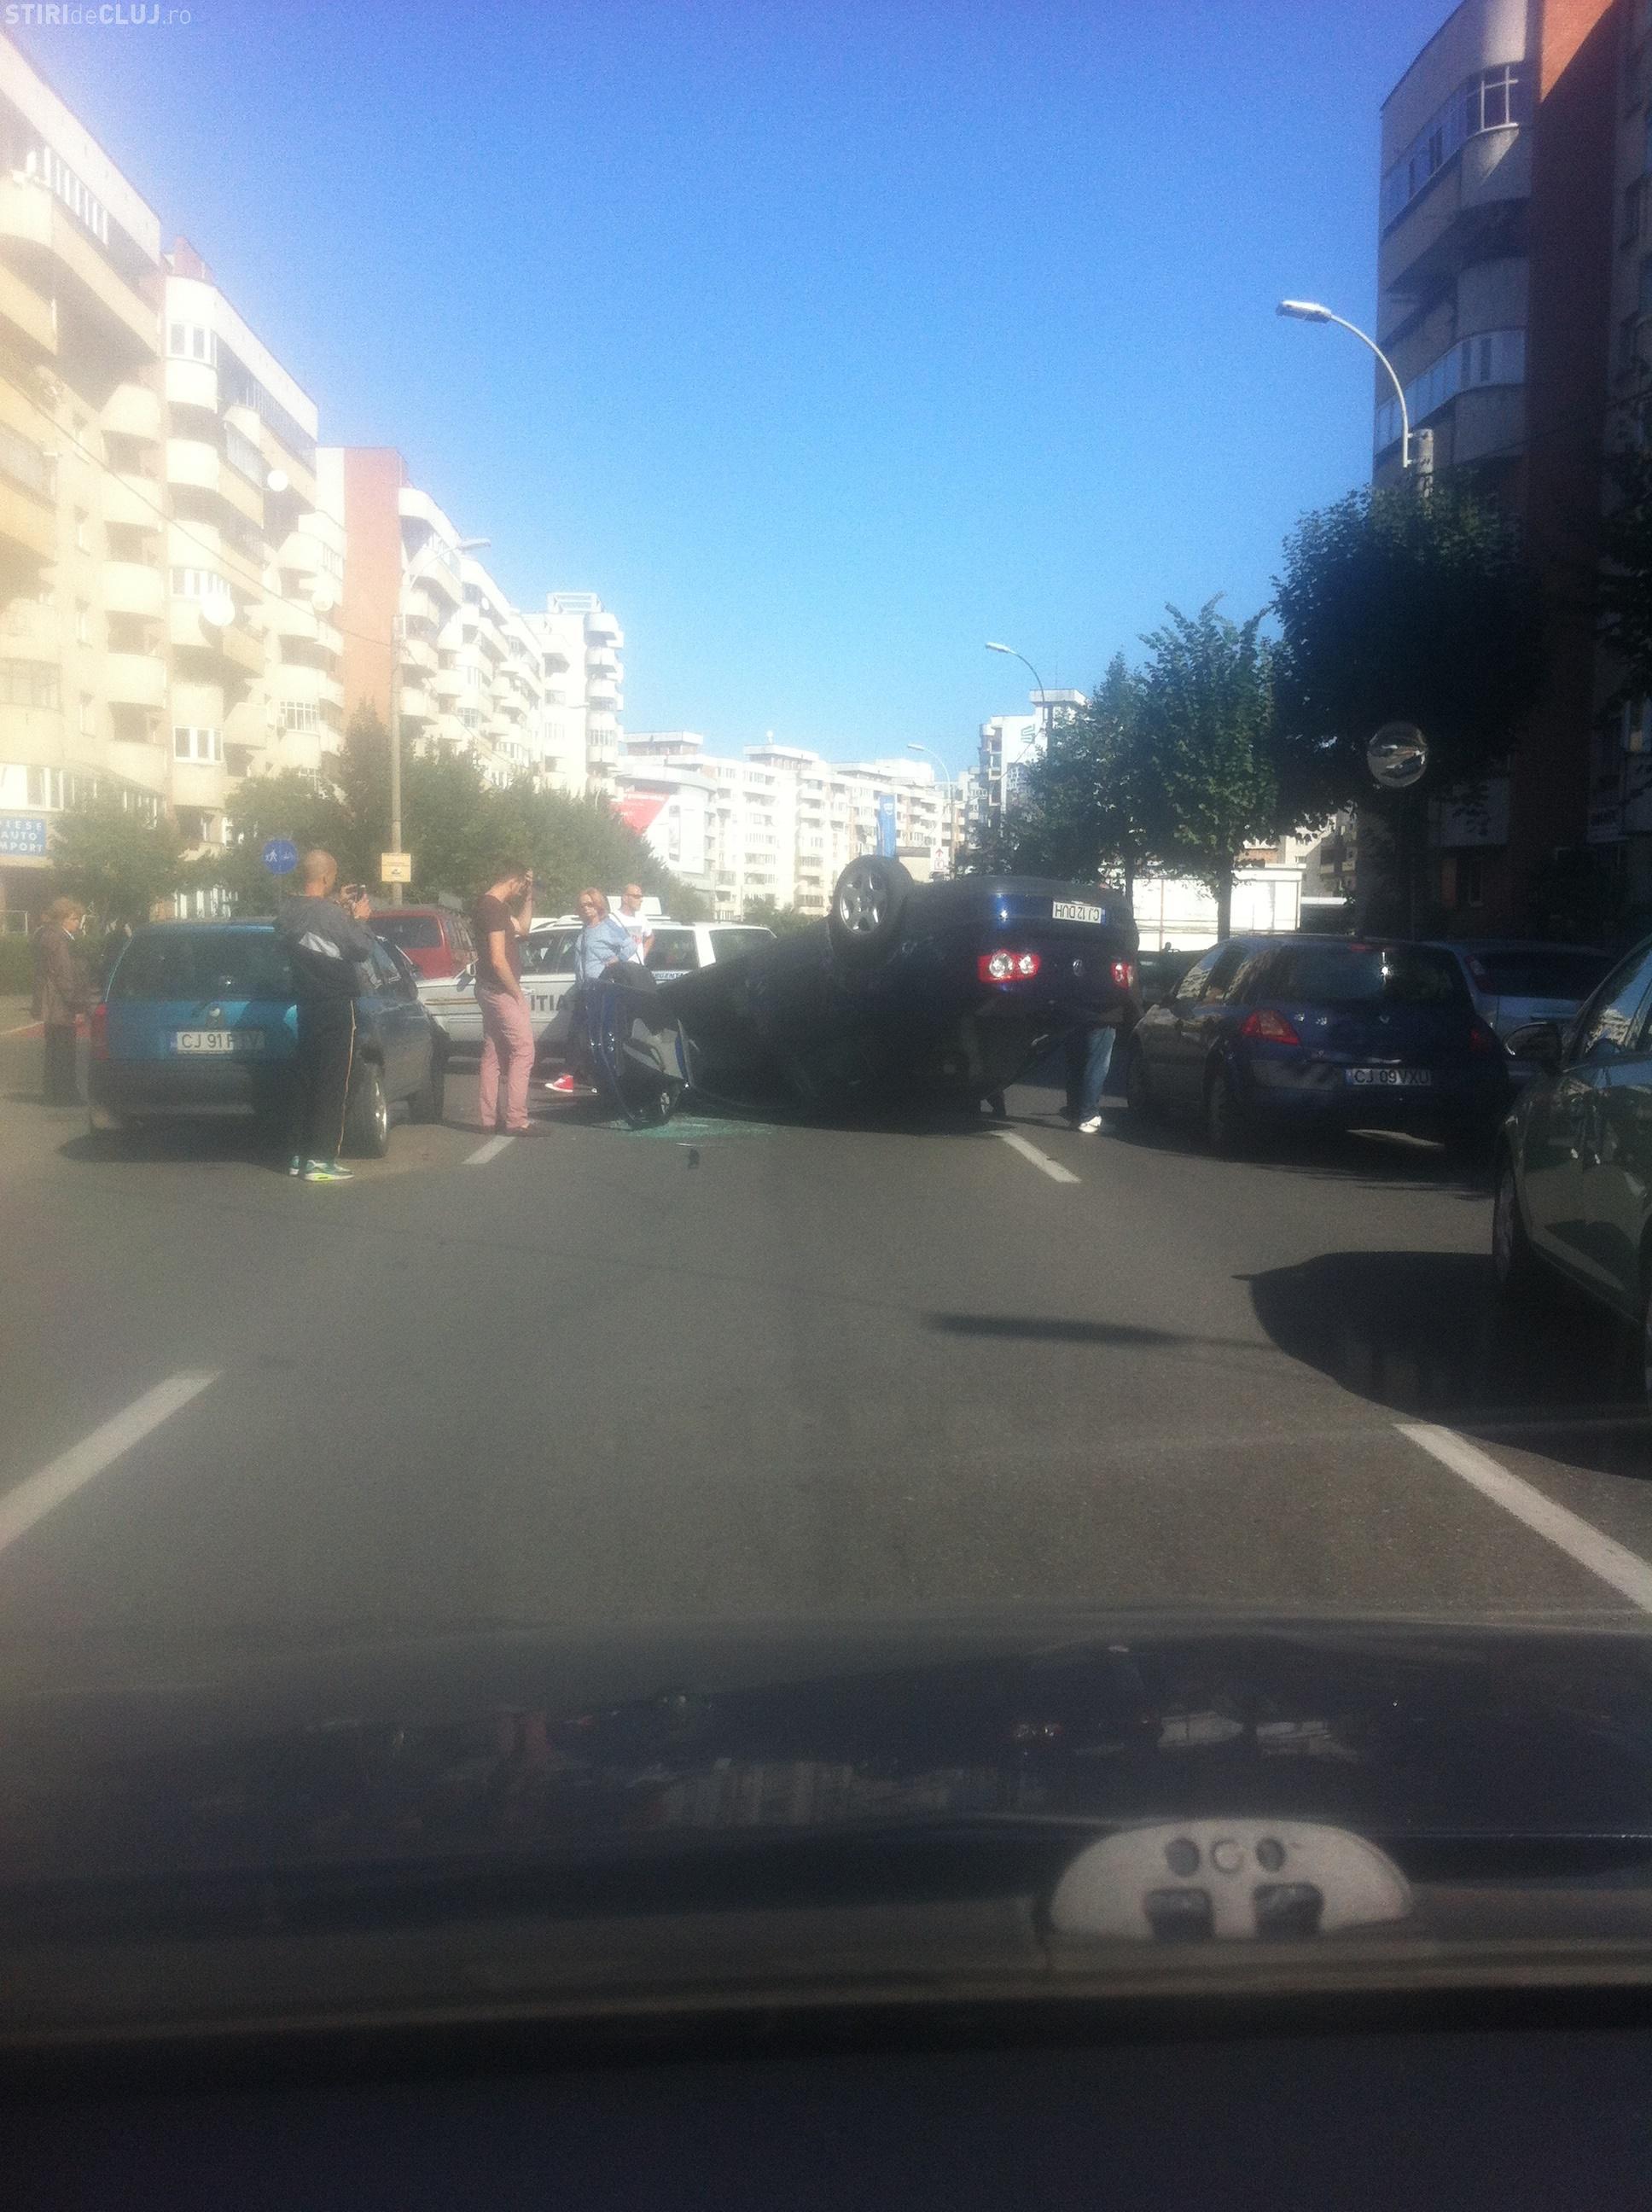 UPDATE Accident SPECTACULOS pe Dorobanților! Ce s-a întâmplat - FOTO